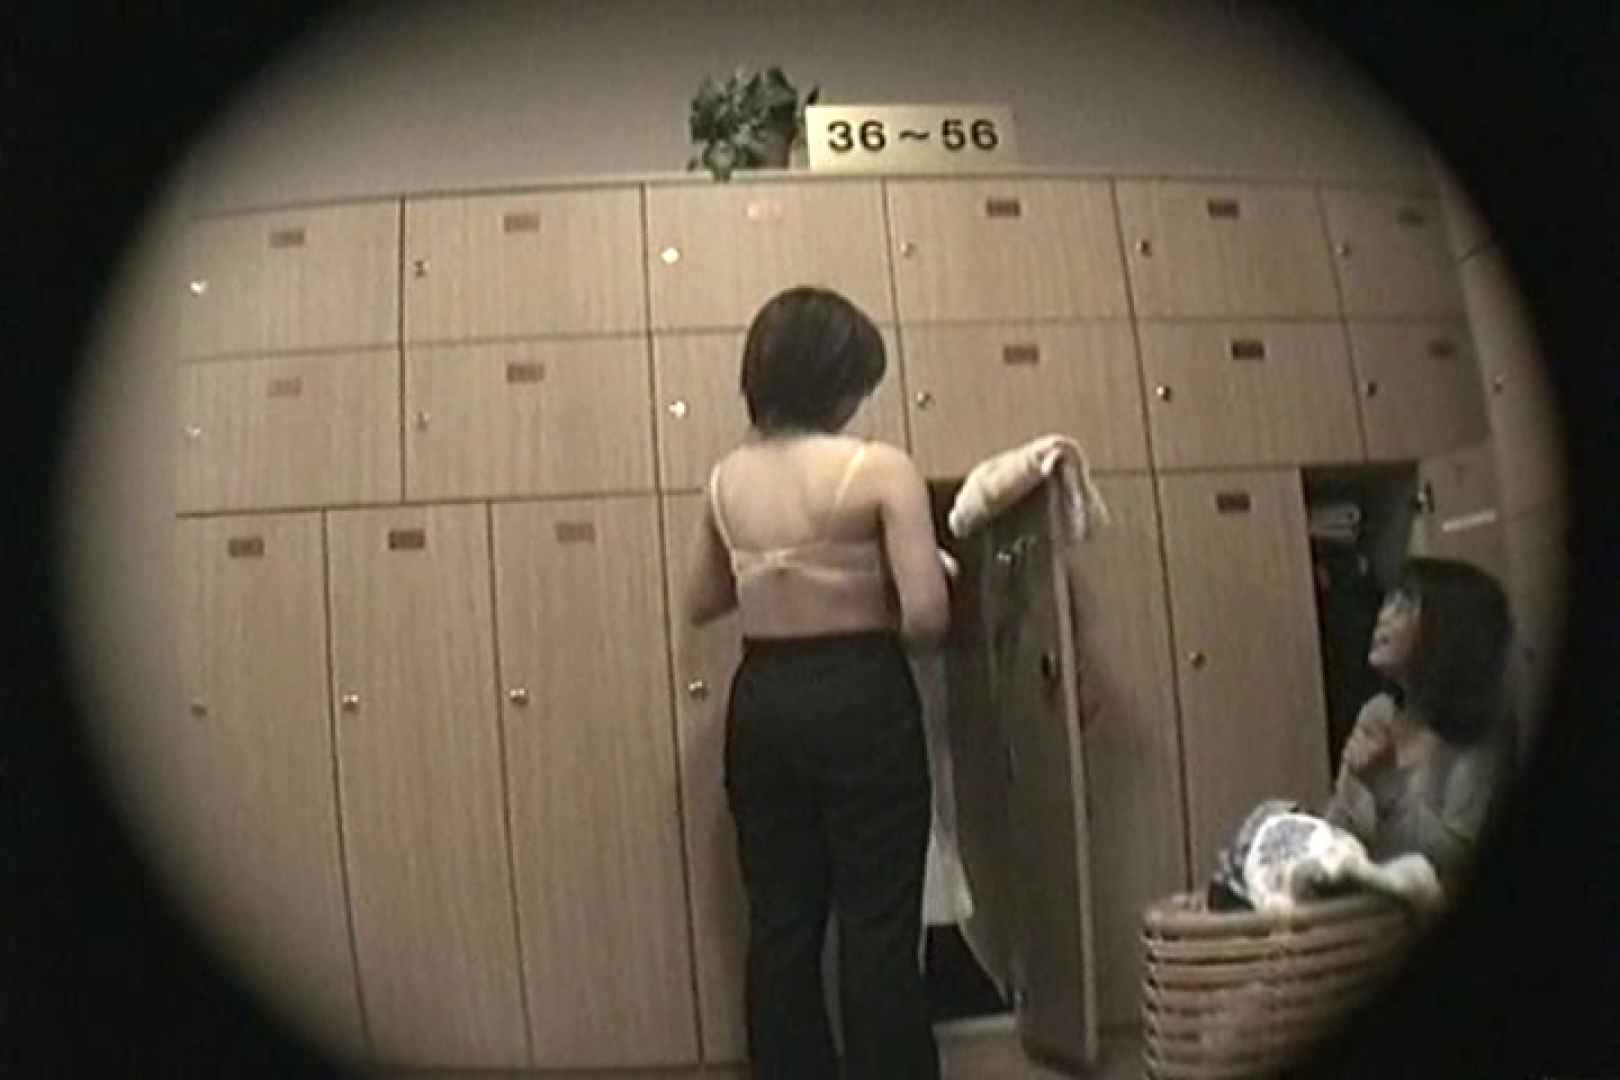 新女風呂51 女風呂   むっちり  106pic 77